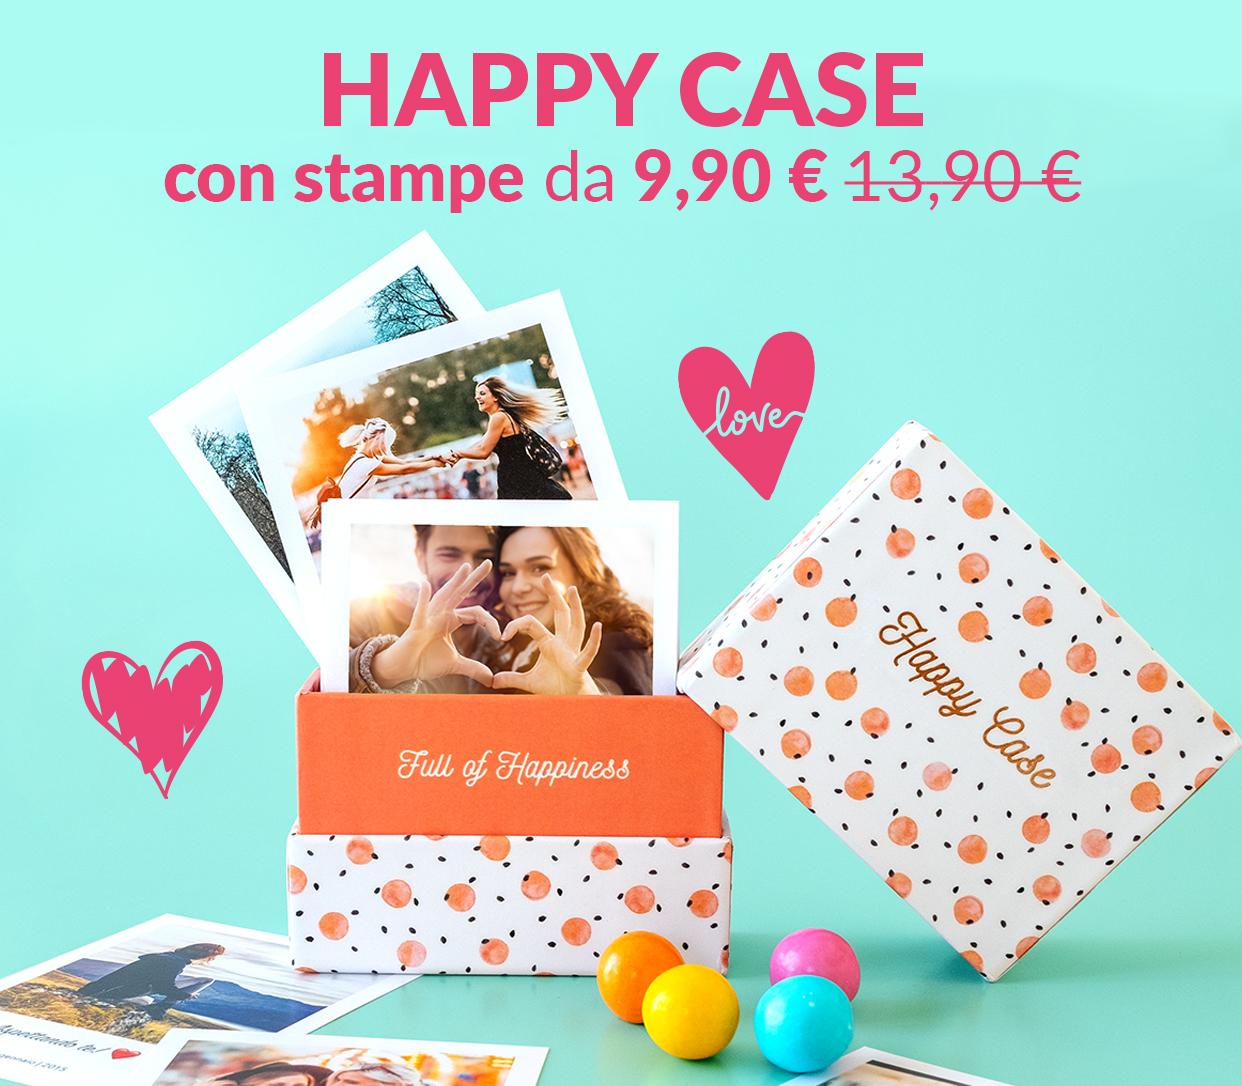 Happy Case con stampe, da 9,90€ anziché 13,90€